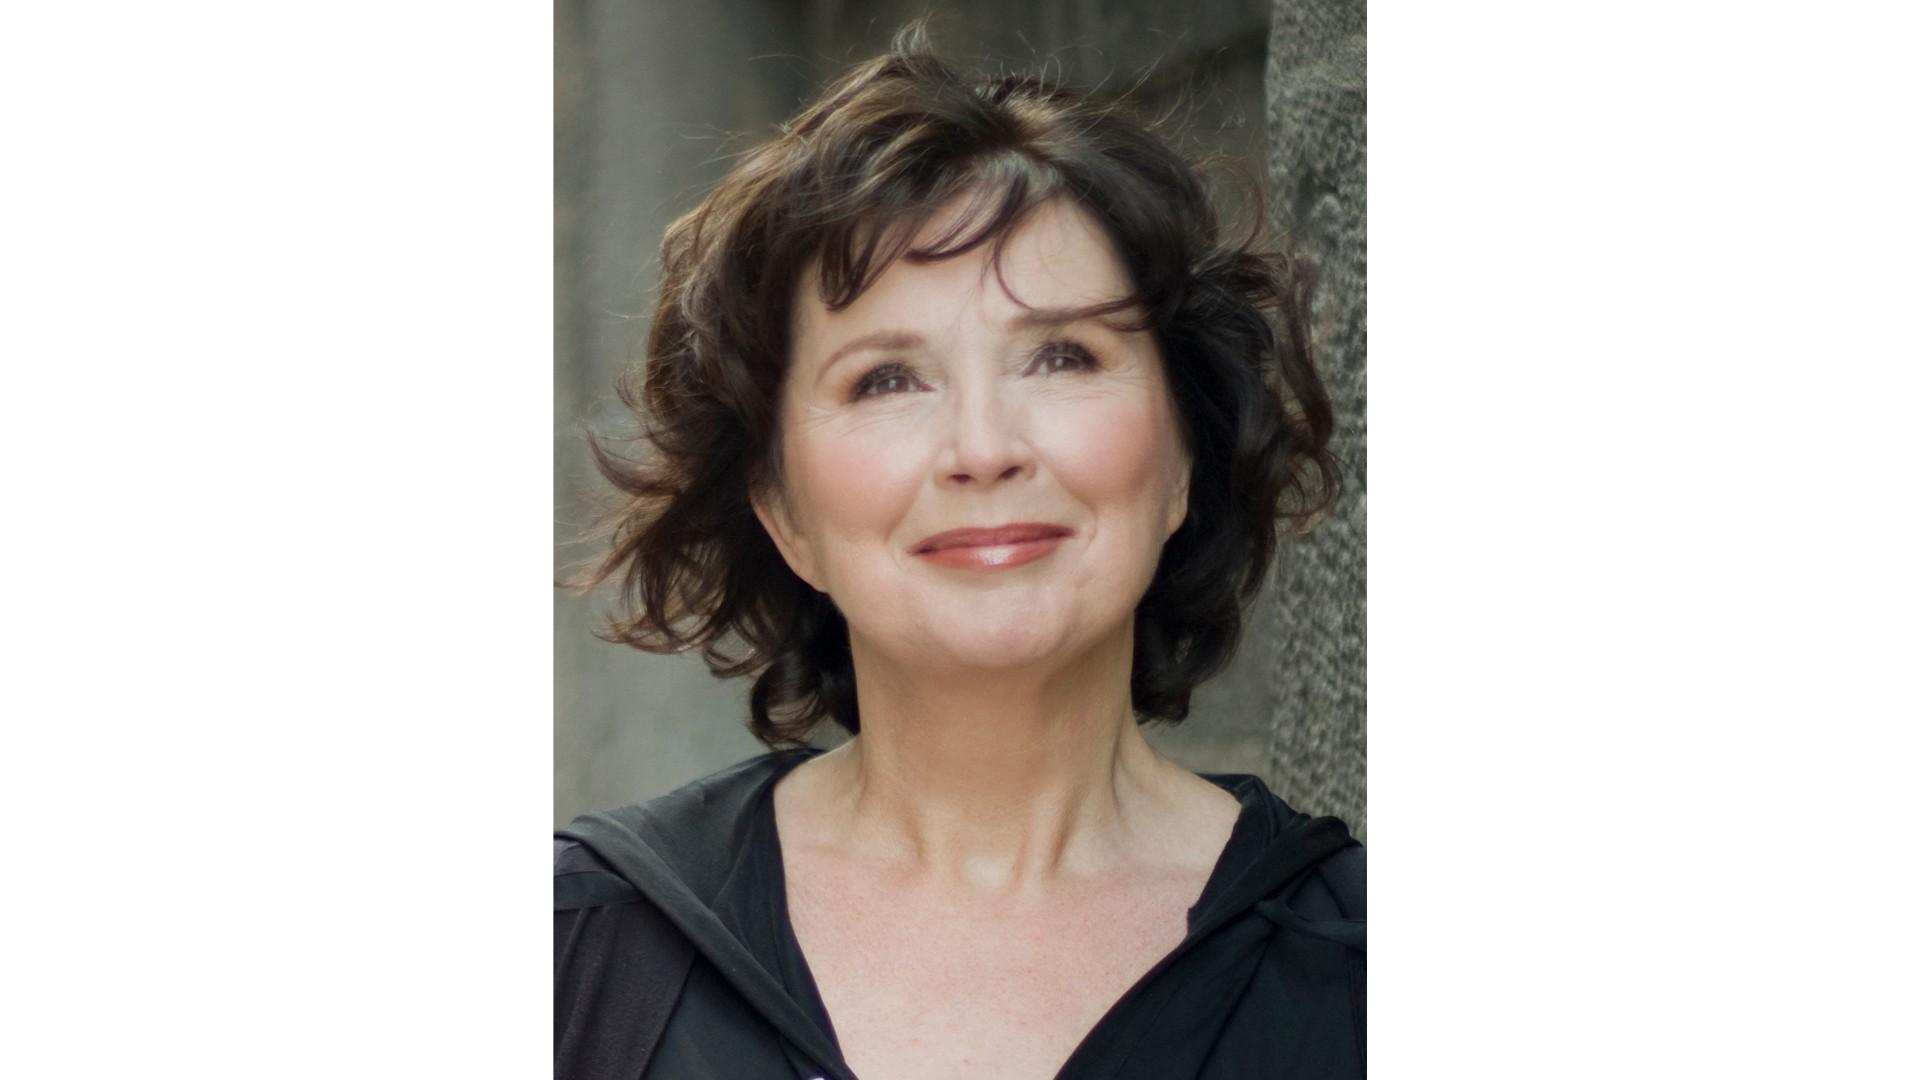 Dorothée Berryman